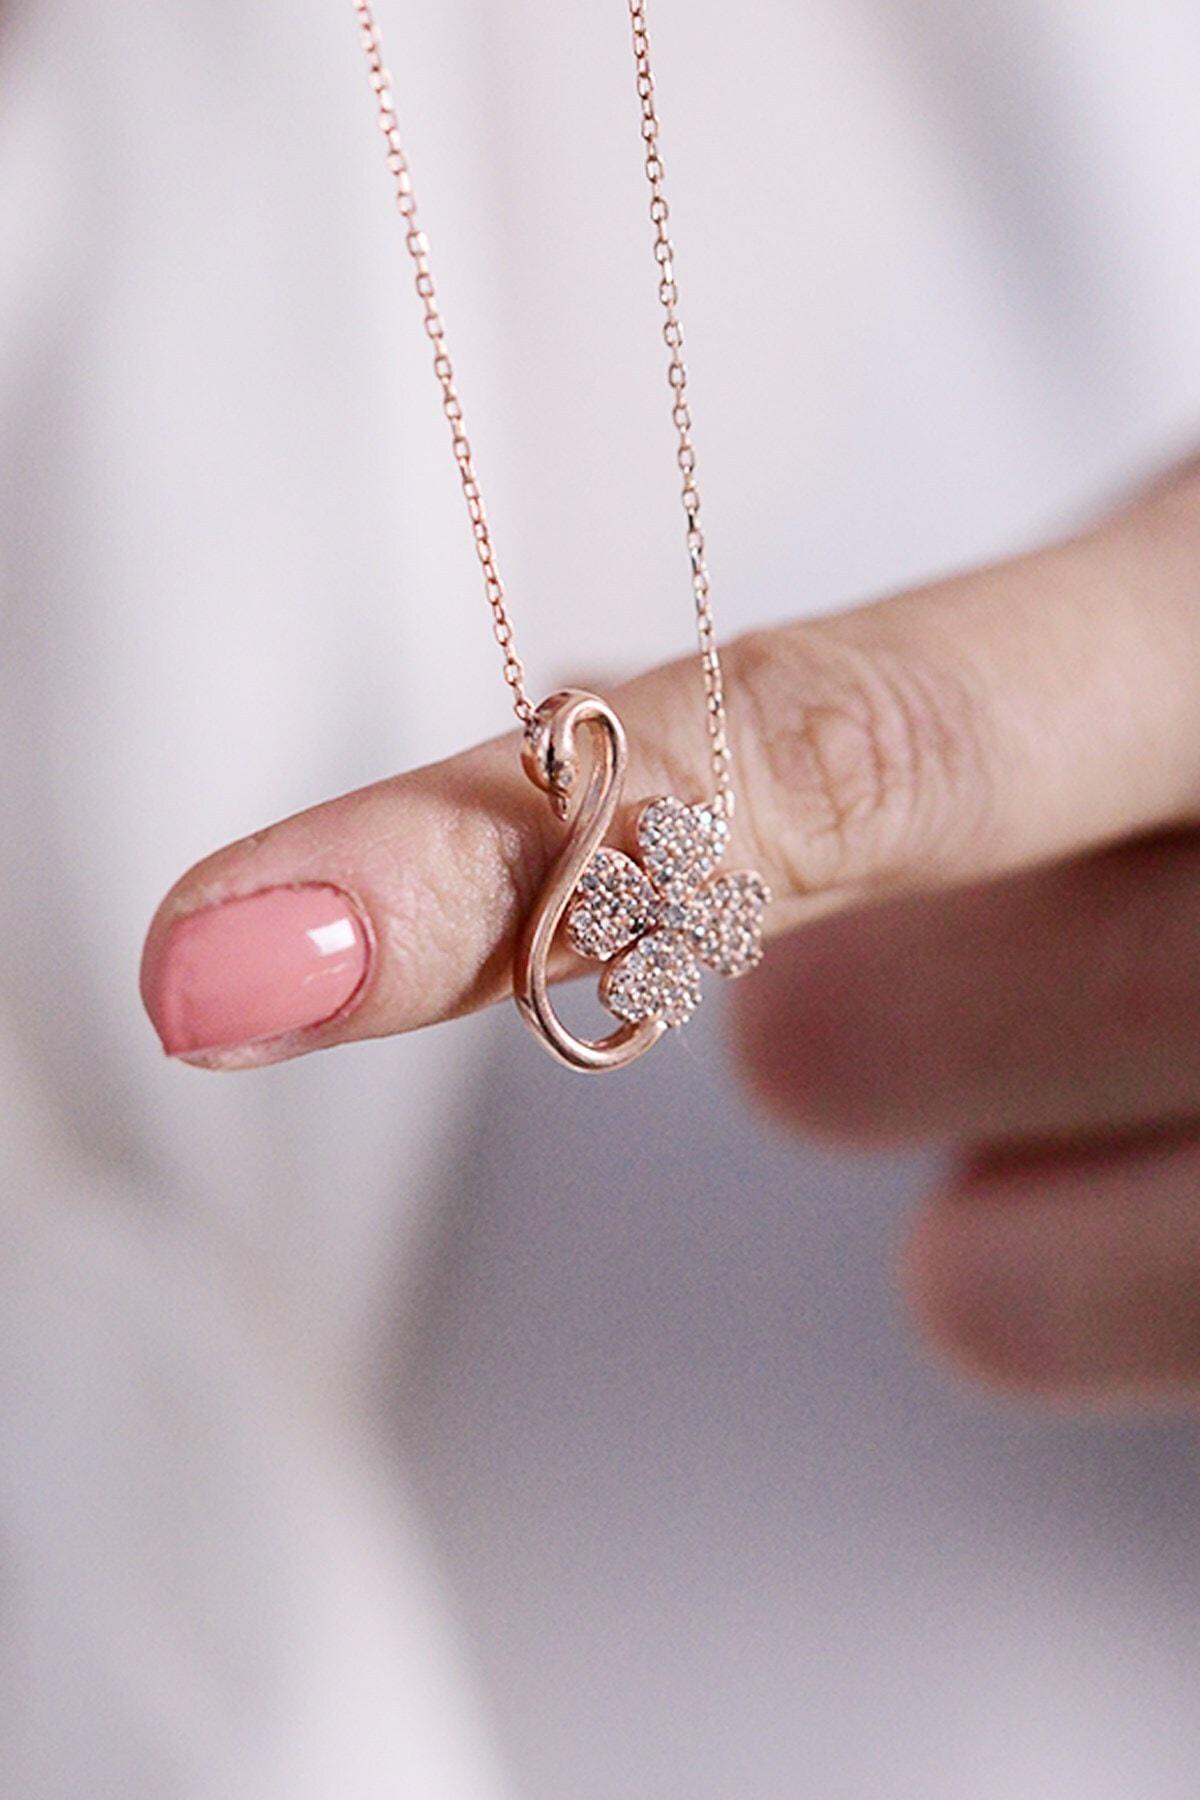 Gumusdunyam Flamingo Desenli Yonca 925 Ayar Kadın Gümüş Kolye 1